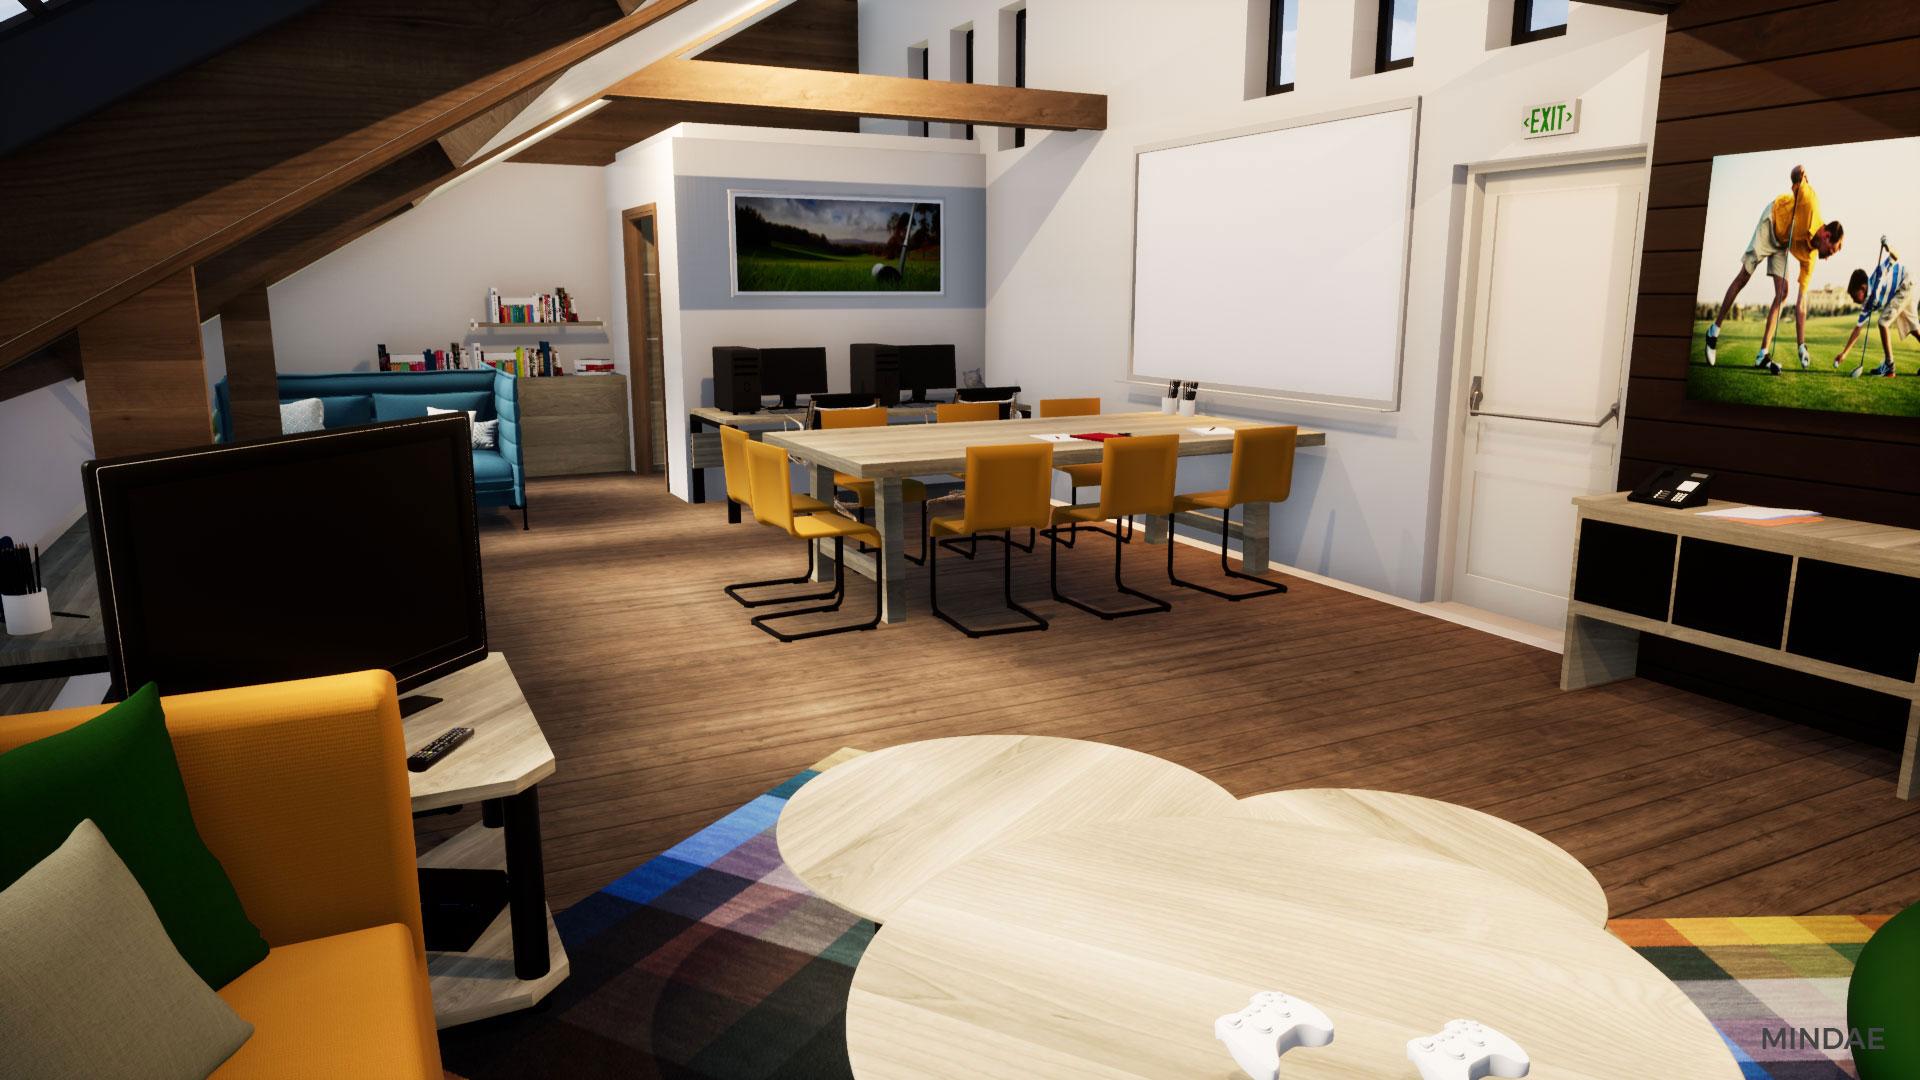 Mindae_3D_golf_caen_bluegreen_étage_projet_garderie-(5)